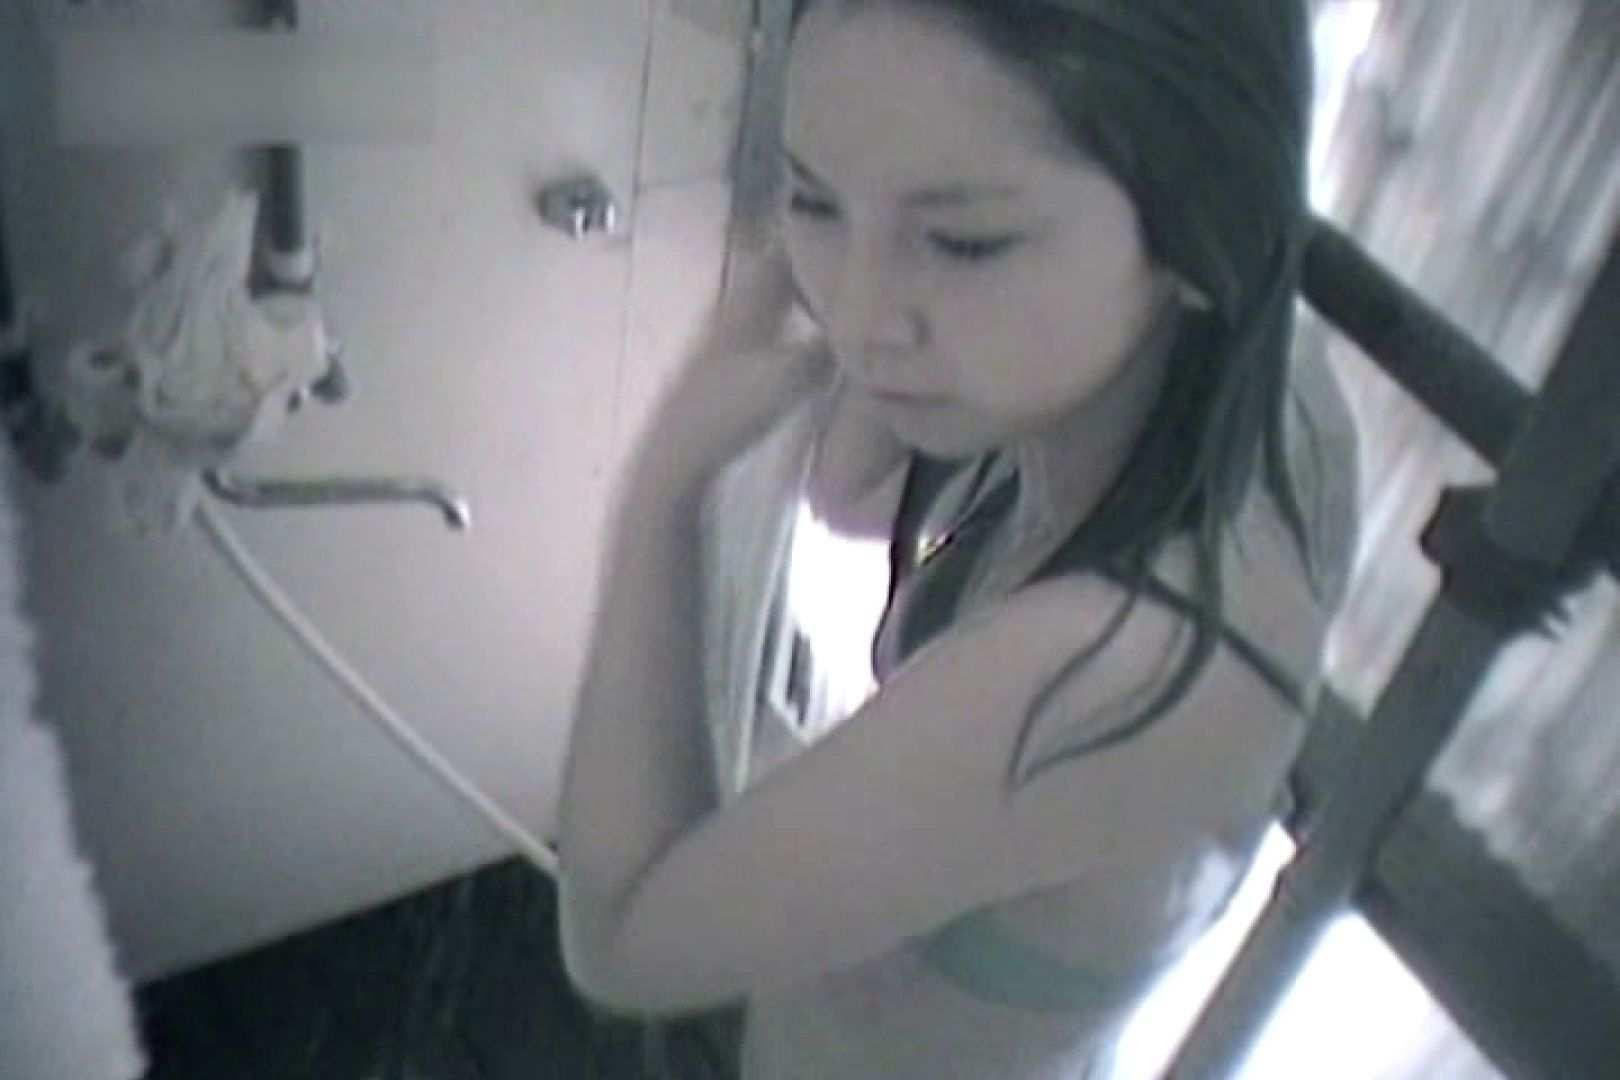 夏海シャワー室!ベトベトお肌をサラサラに!VOL.02 シャワー 覗きスケベ動画紹介 94pic 54